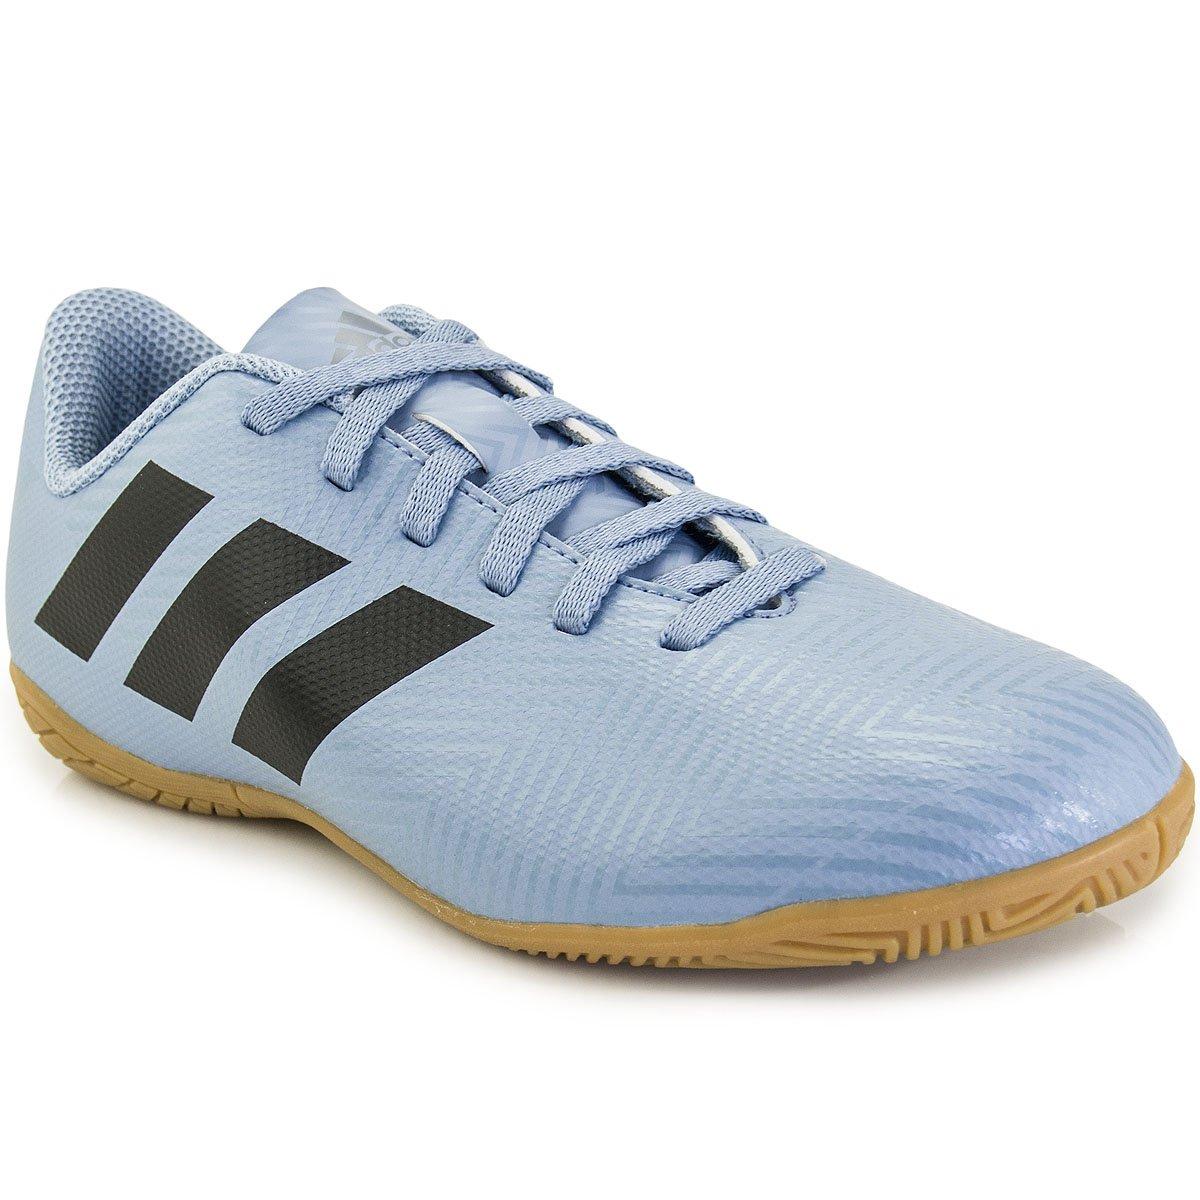 Chuteira Adidas Nemeziz Messi Tan 18.4 IN Infantil  7b24550b898cc